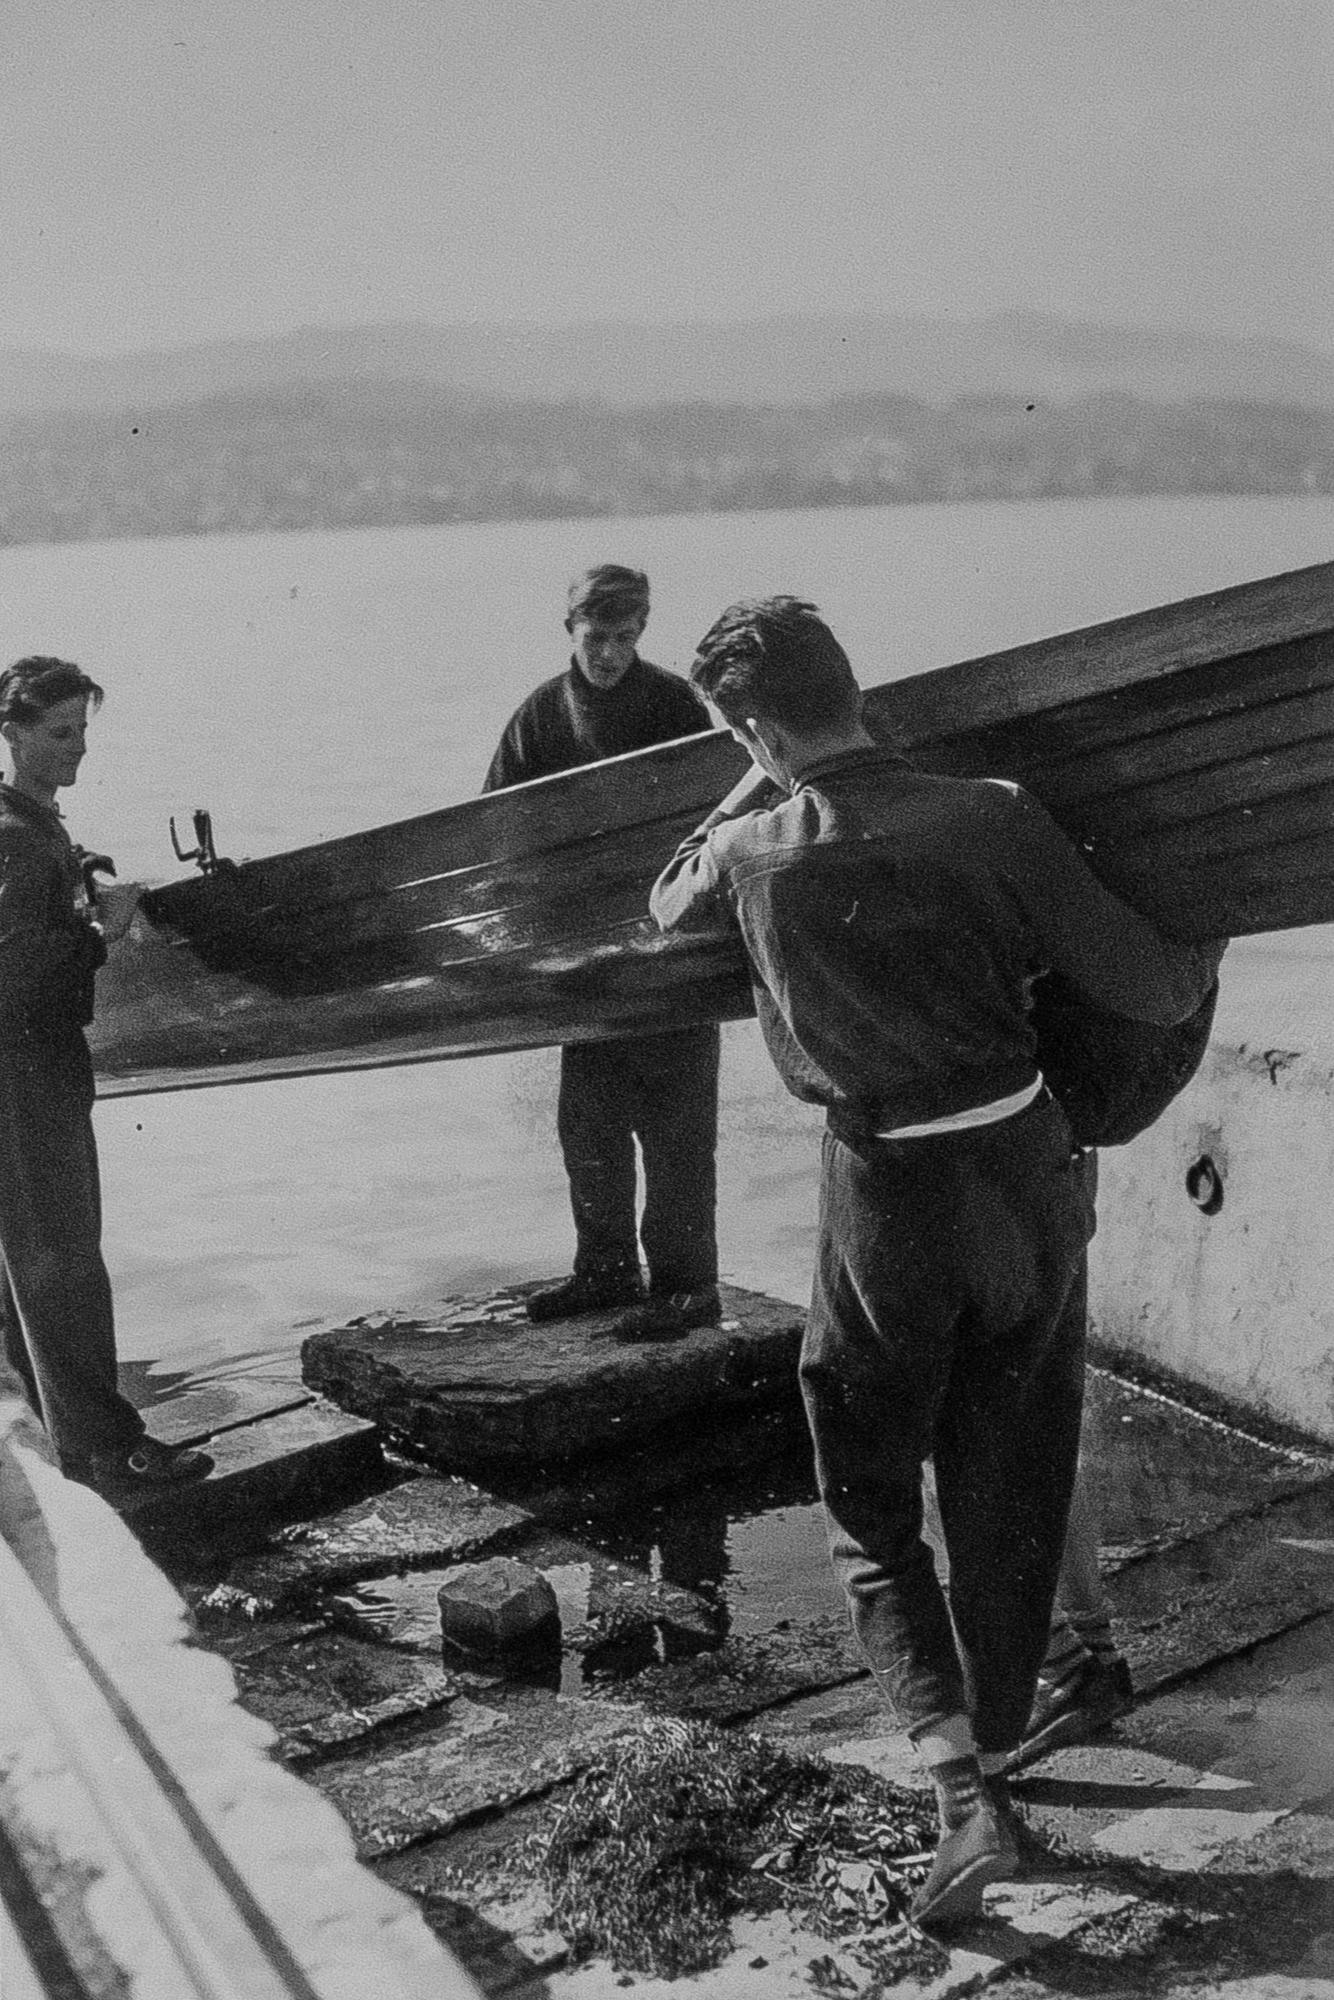 Das Boot musste über die Seestrasse undzum See hinunter getragen werden. Es gab noch keinen Steg zum einwassern.